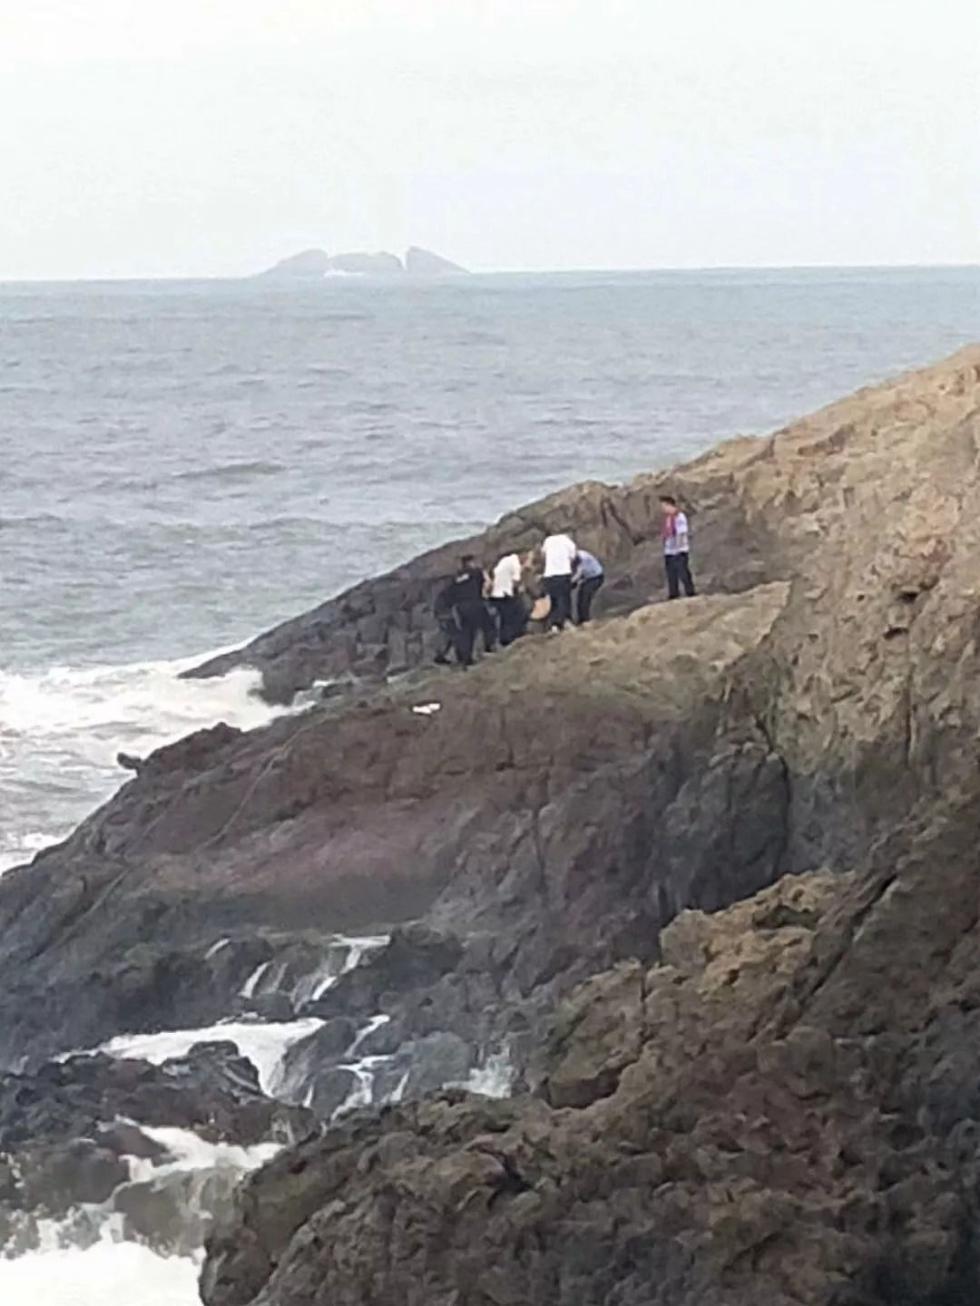 老板带员工兴致勃勃去看海 结果一群人被海浪卷走